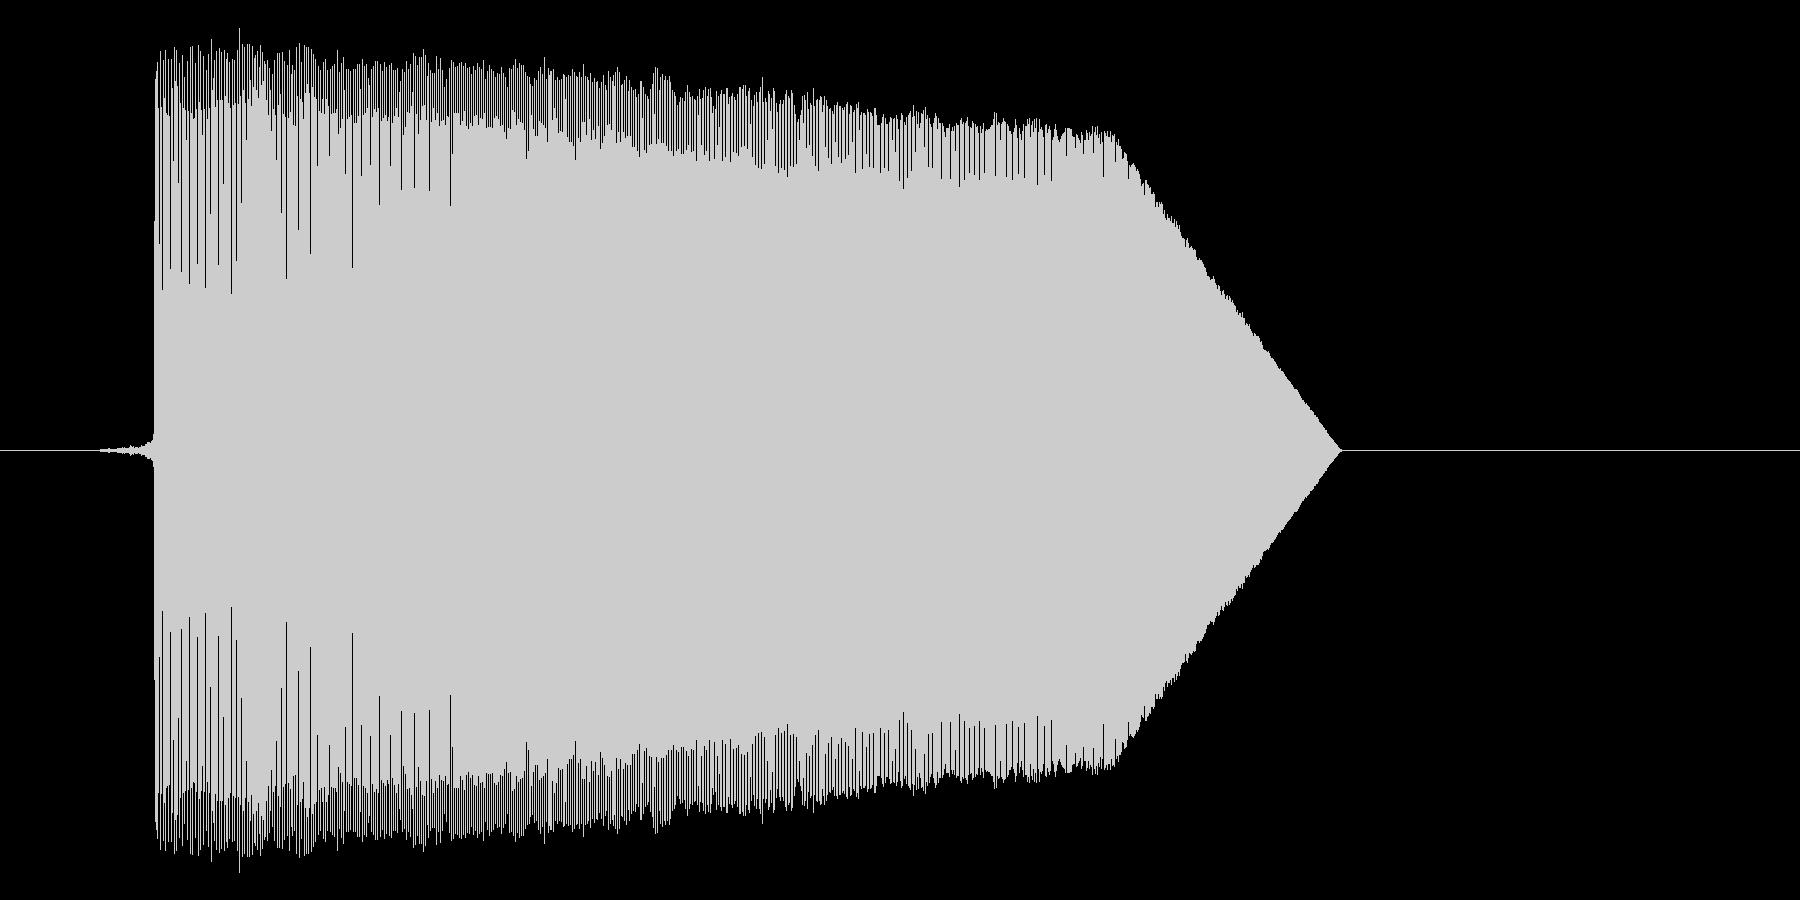 ゲーム(ファミコン風)ジャンプ音_025の未再生の波形